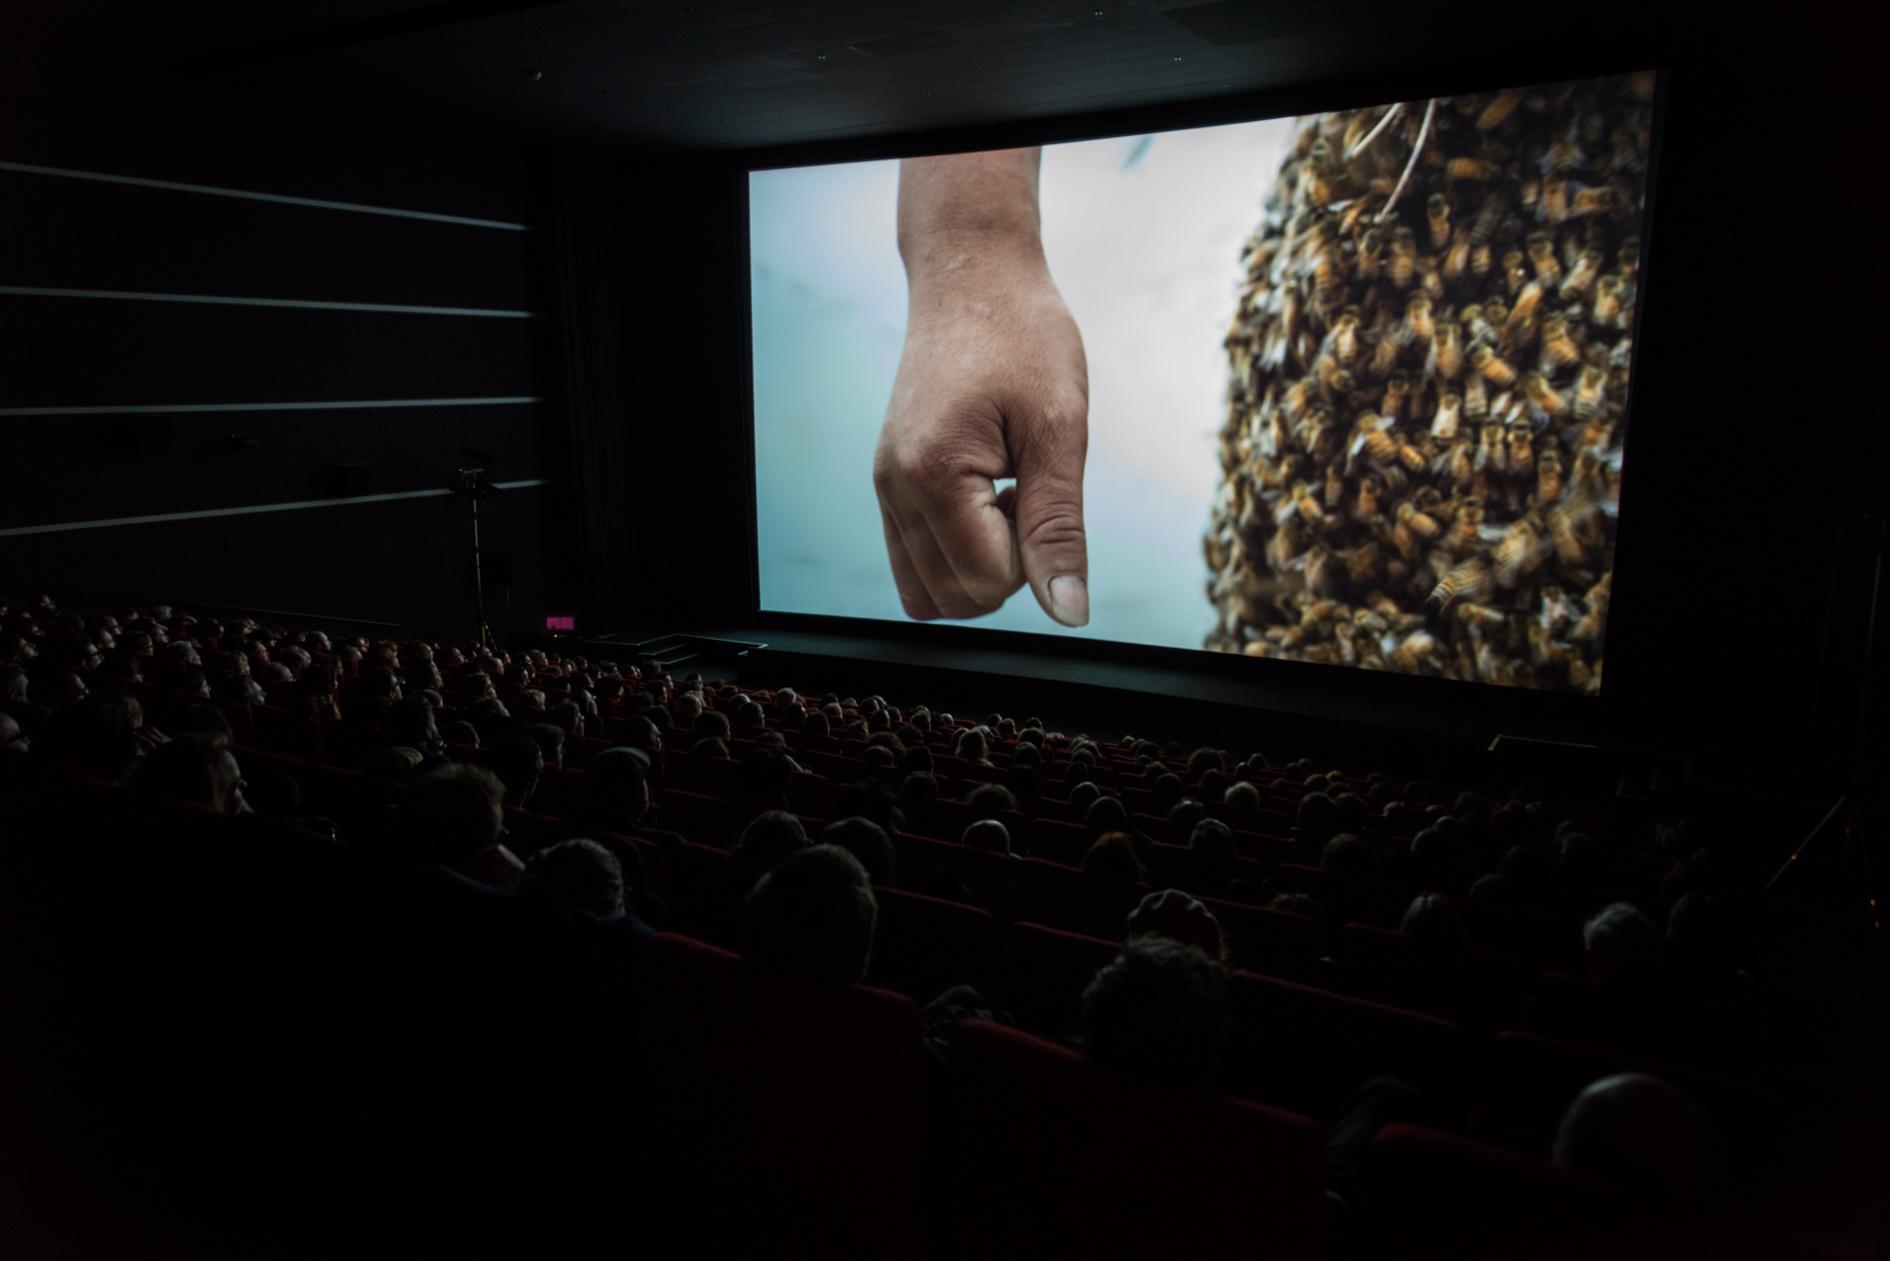 Marc JOHNSON, YuYu, International Premiere at CinemaxX 3, Berlinale Shorts 2015, © Heinrich Volkel